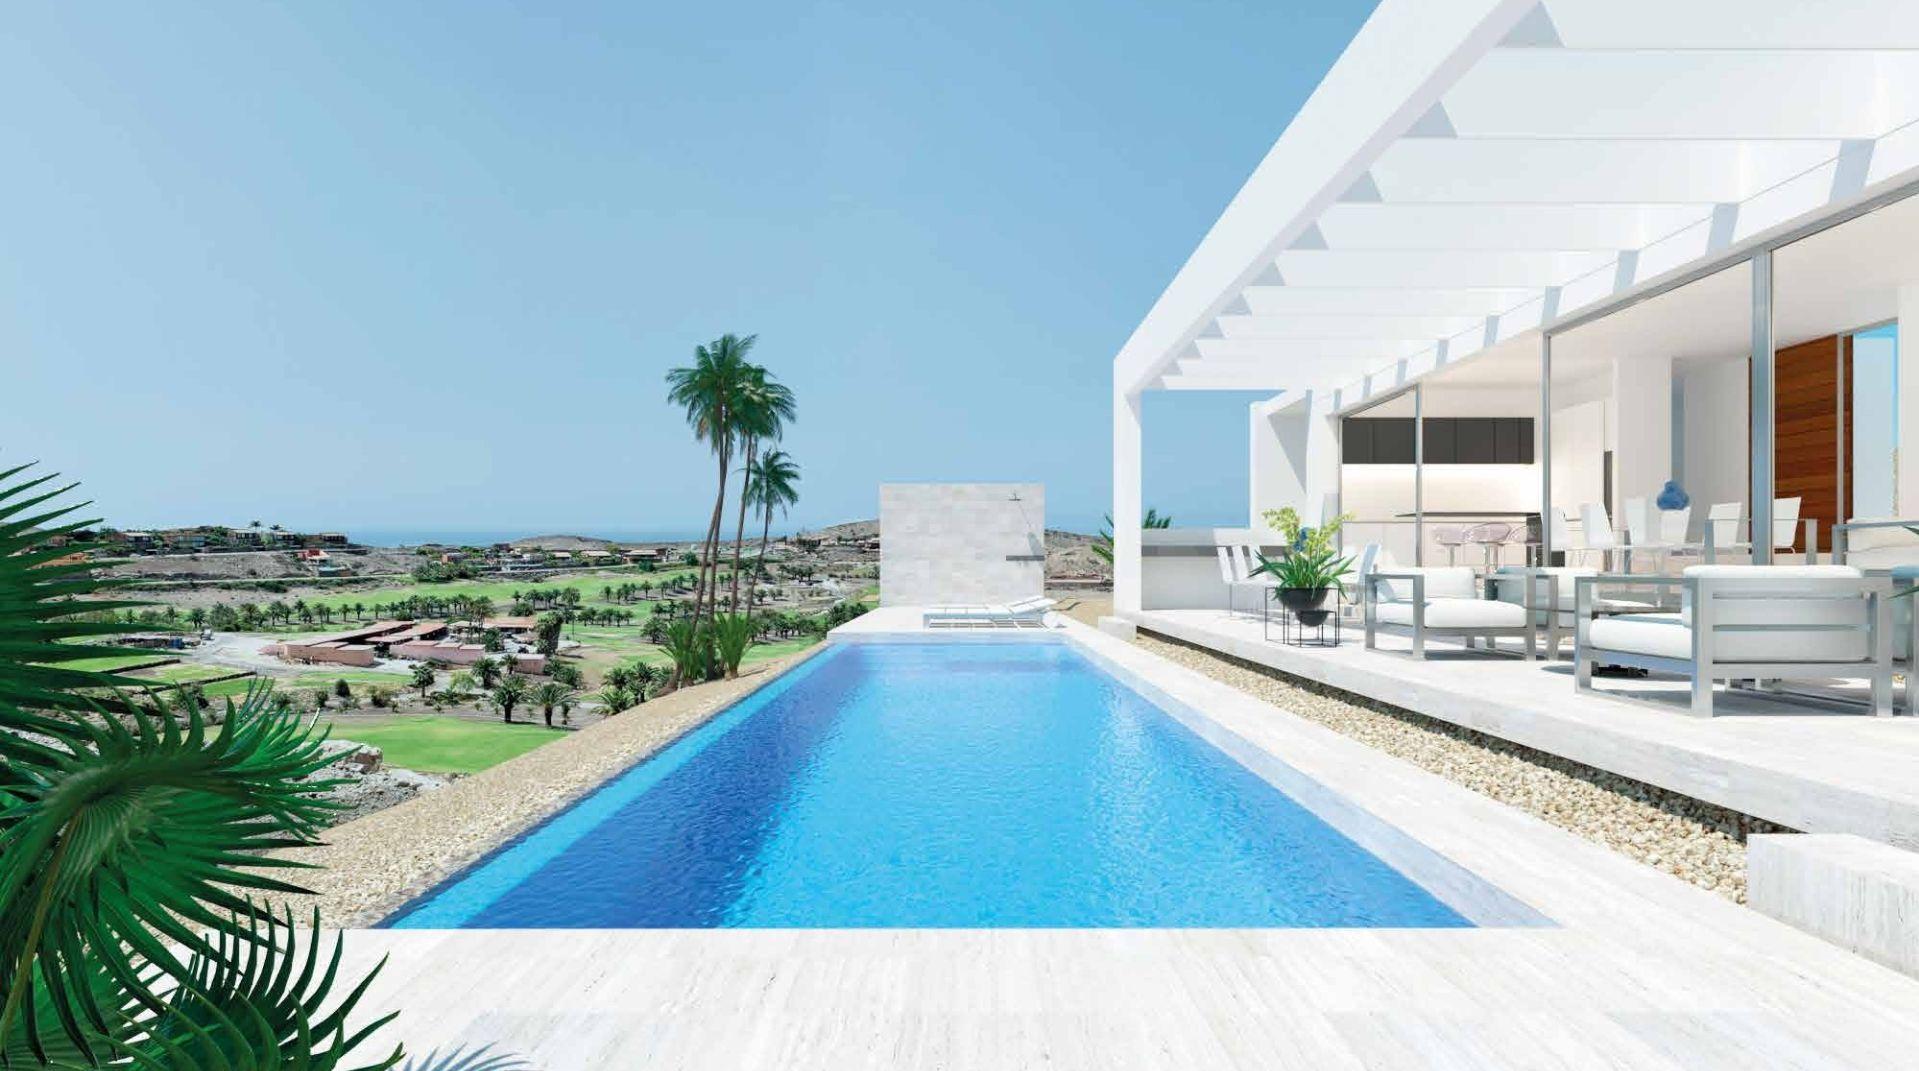 Villas de lujo con piscina en Gran Canaria